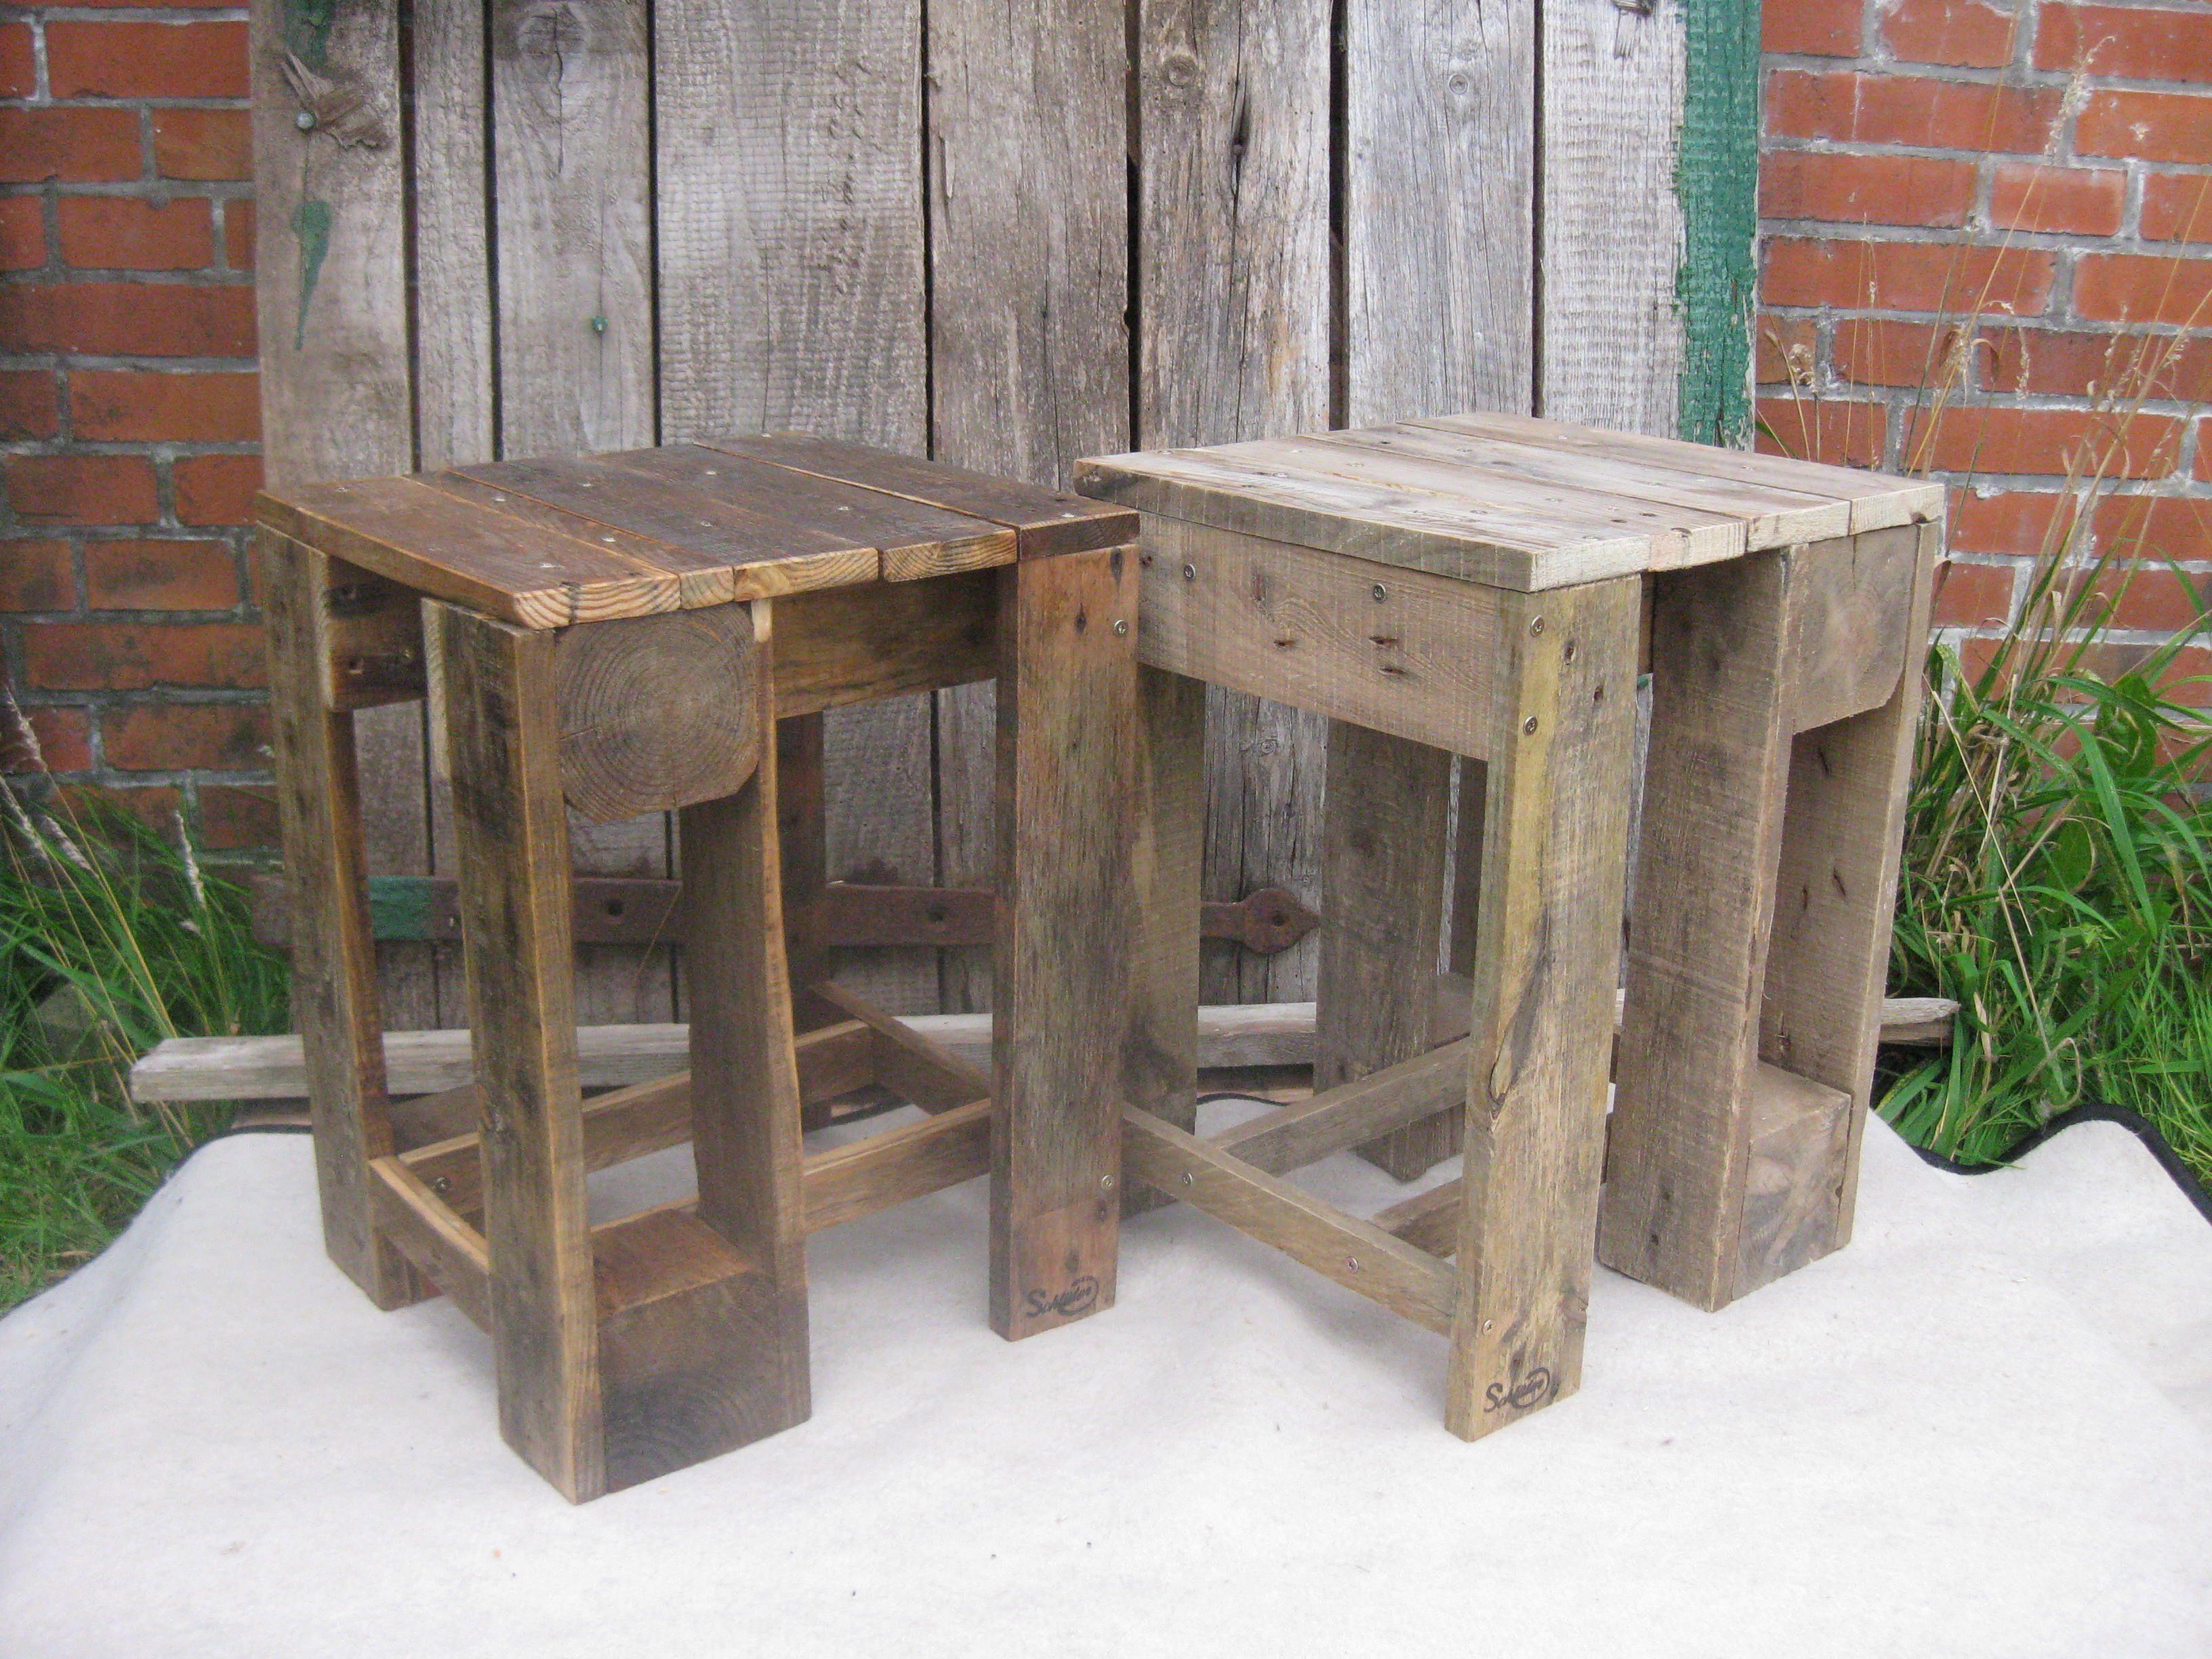 Hocker selbst gebaut aus Palettenholz einer Einwegpalette